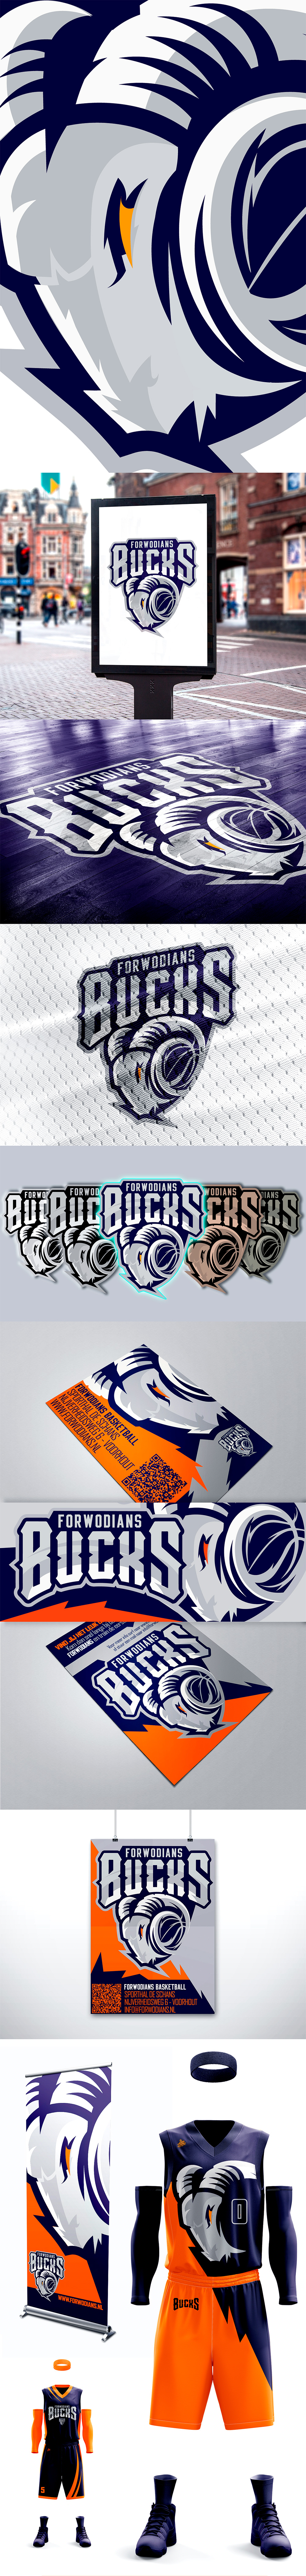 Logotipo del equipo de baloncesto: Forwodians Bucks por Yark Digital Artist